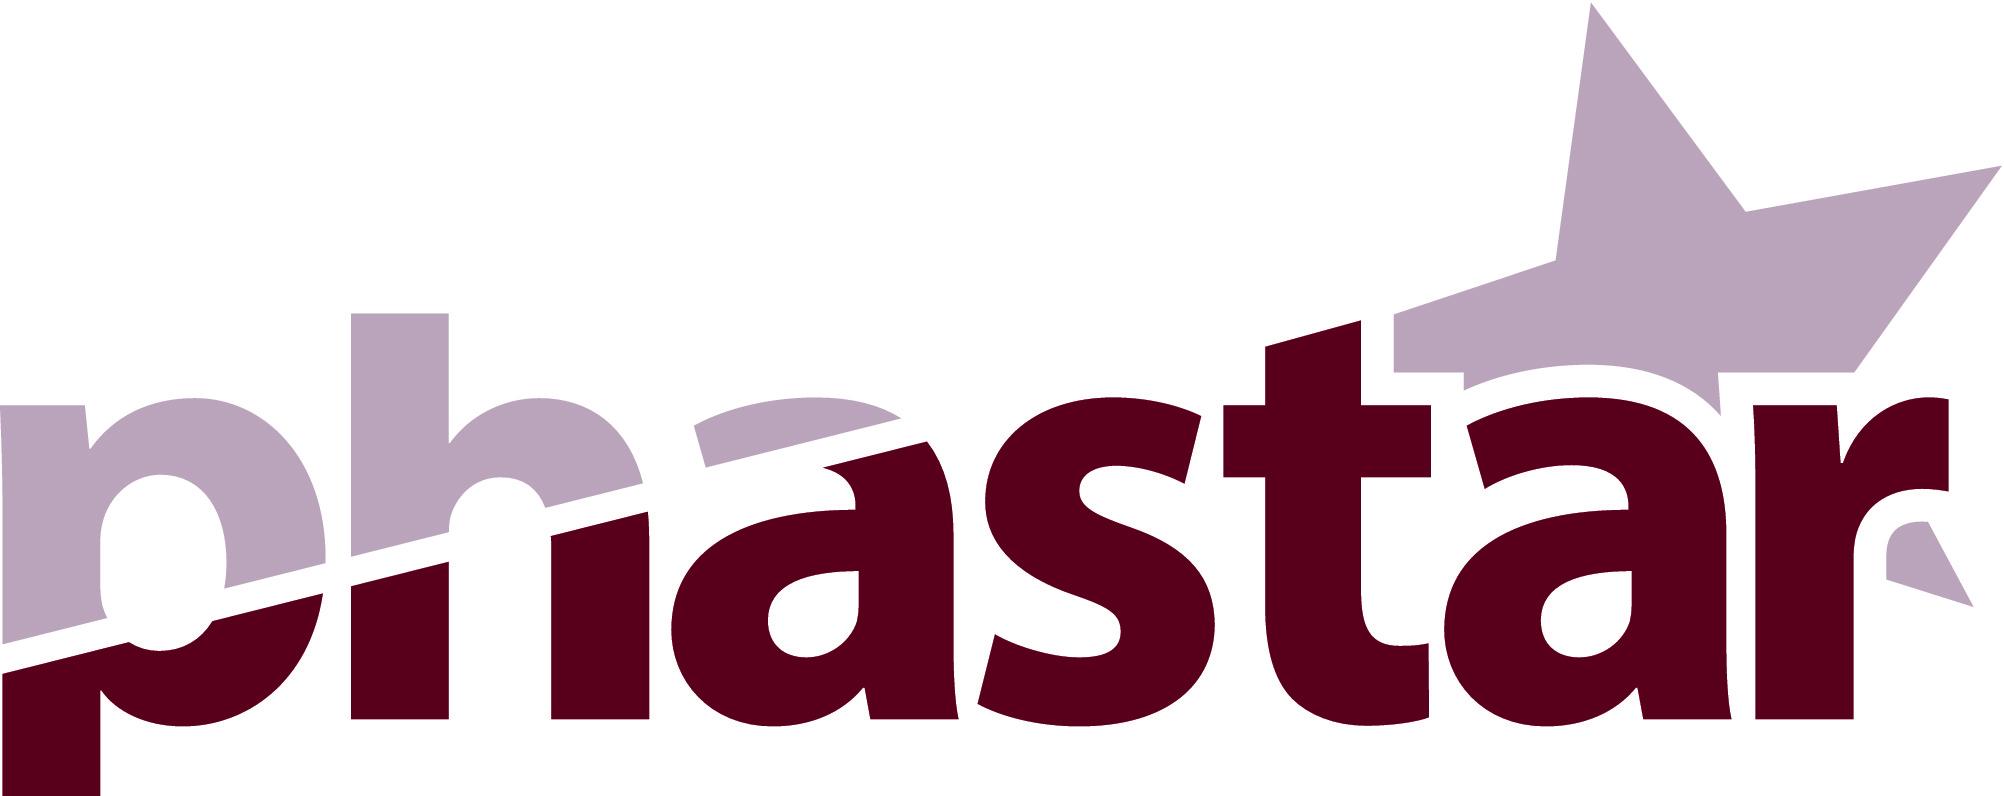 Phastar Logo.jpg